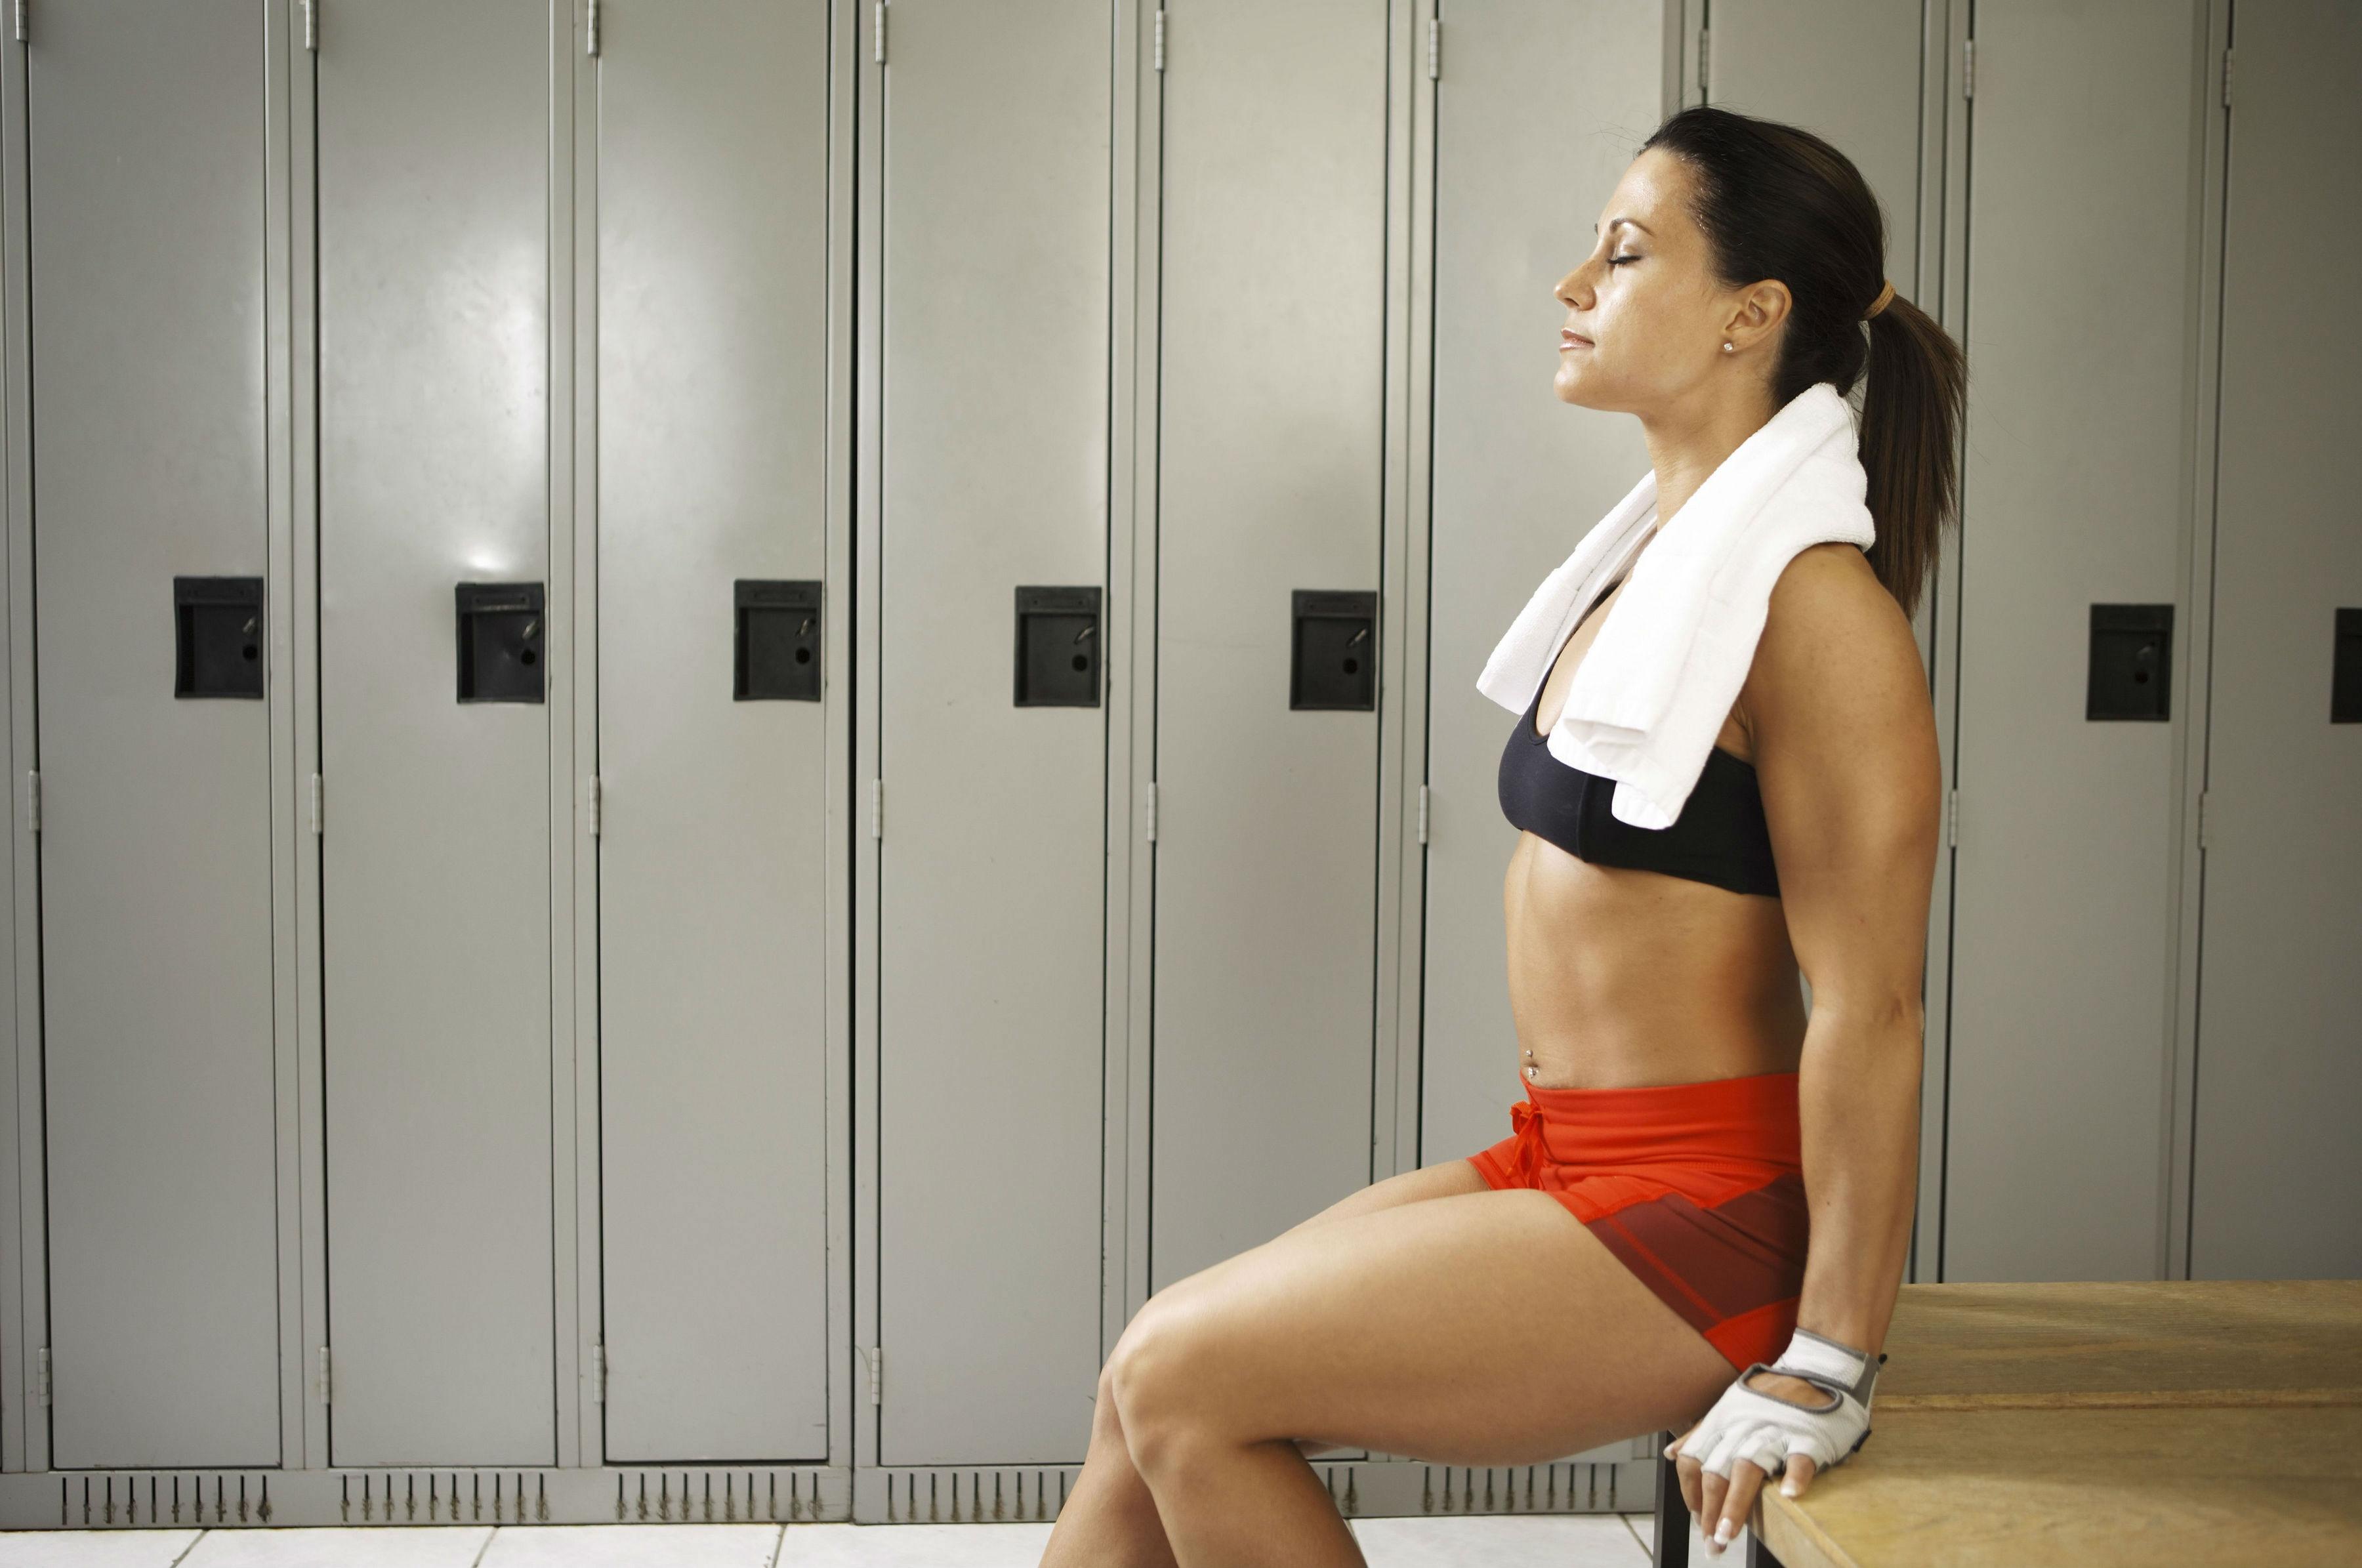 Claves para lograr buenos resultados en el gym salud180 for Que es un gimnasio